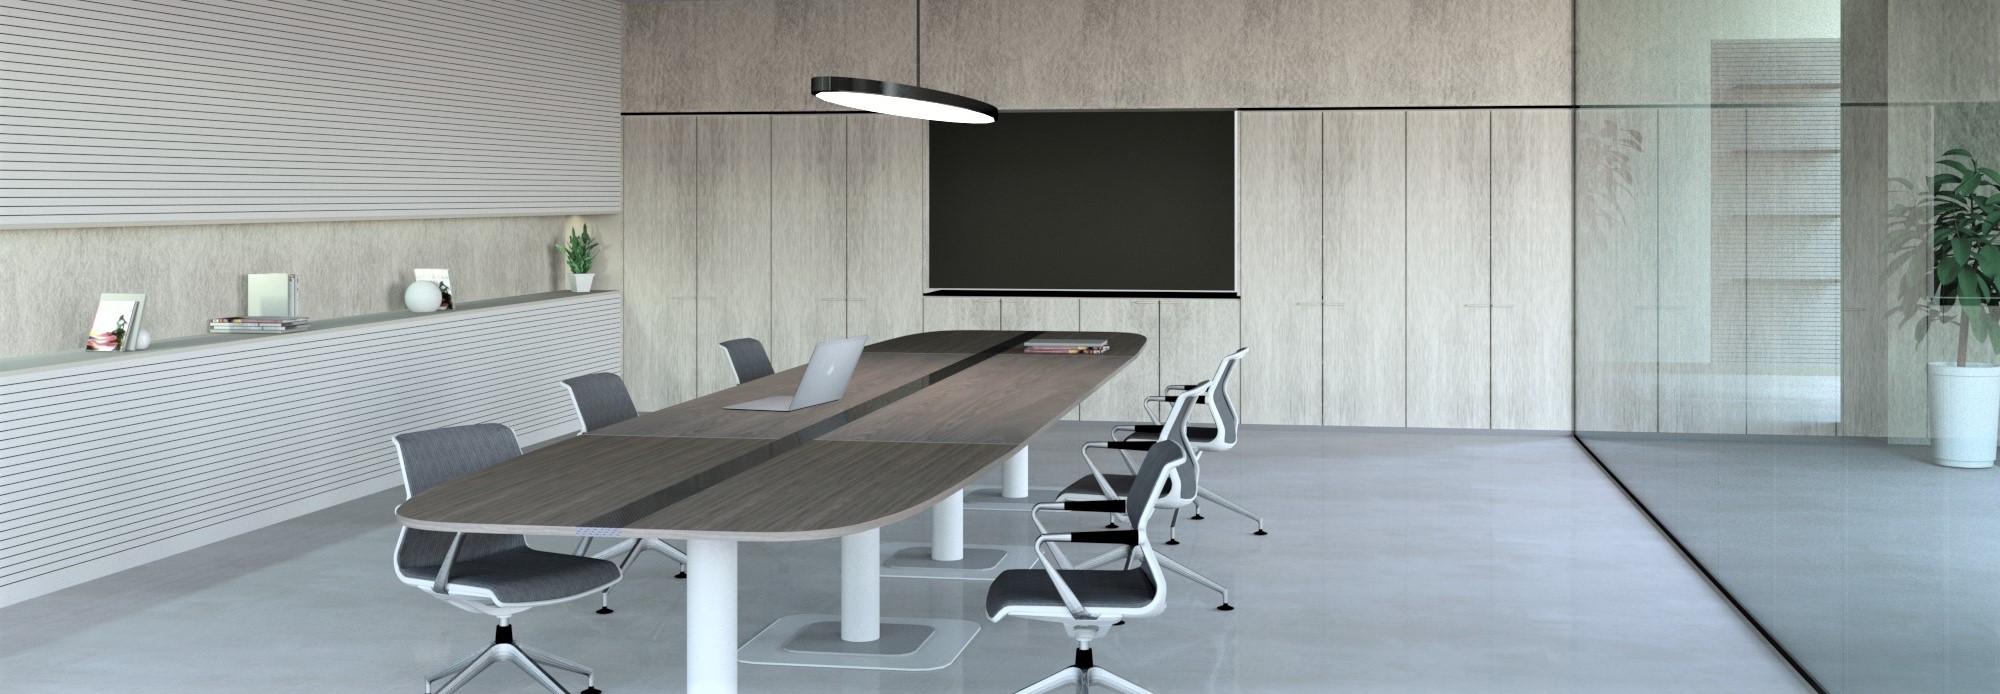 La linea del tavolo riunioni e conferenza permette di creare un tavolo con forme e dimensioni personalizzabili.